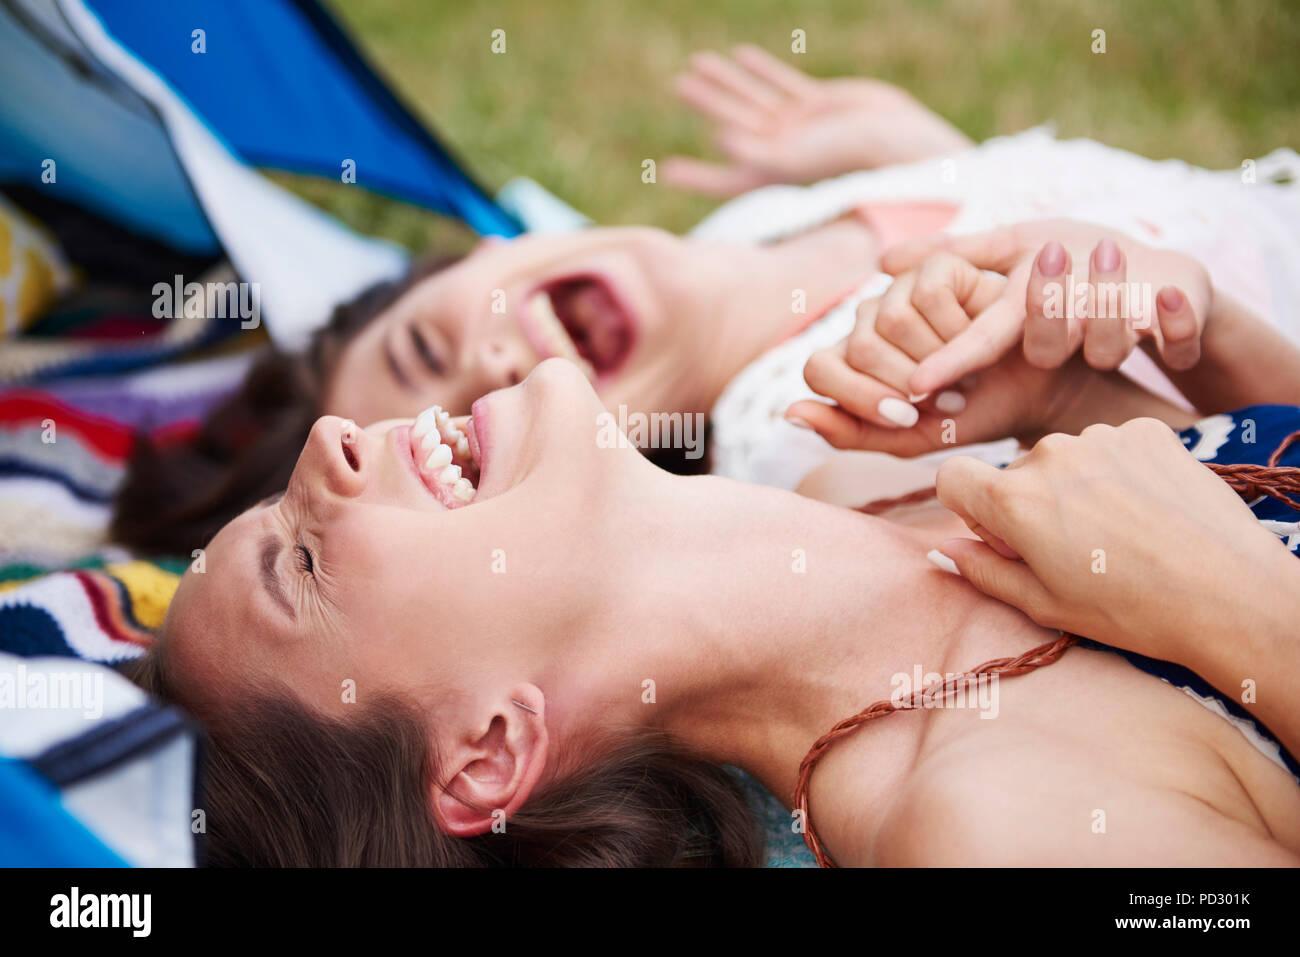 Freunde auf dem Boden liegend, Lachen und Genießen Musik Festival Stockbild